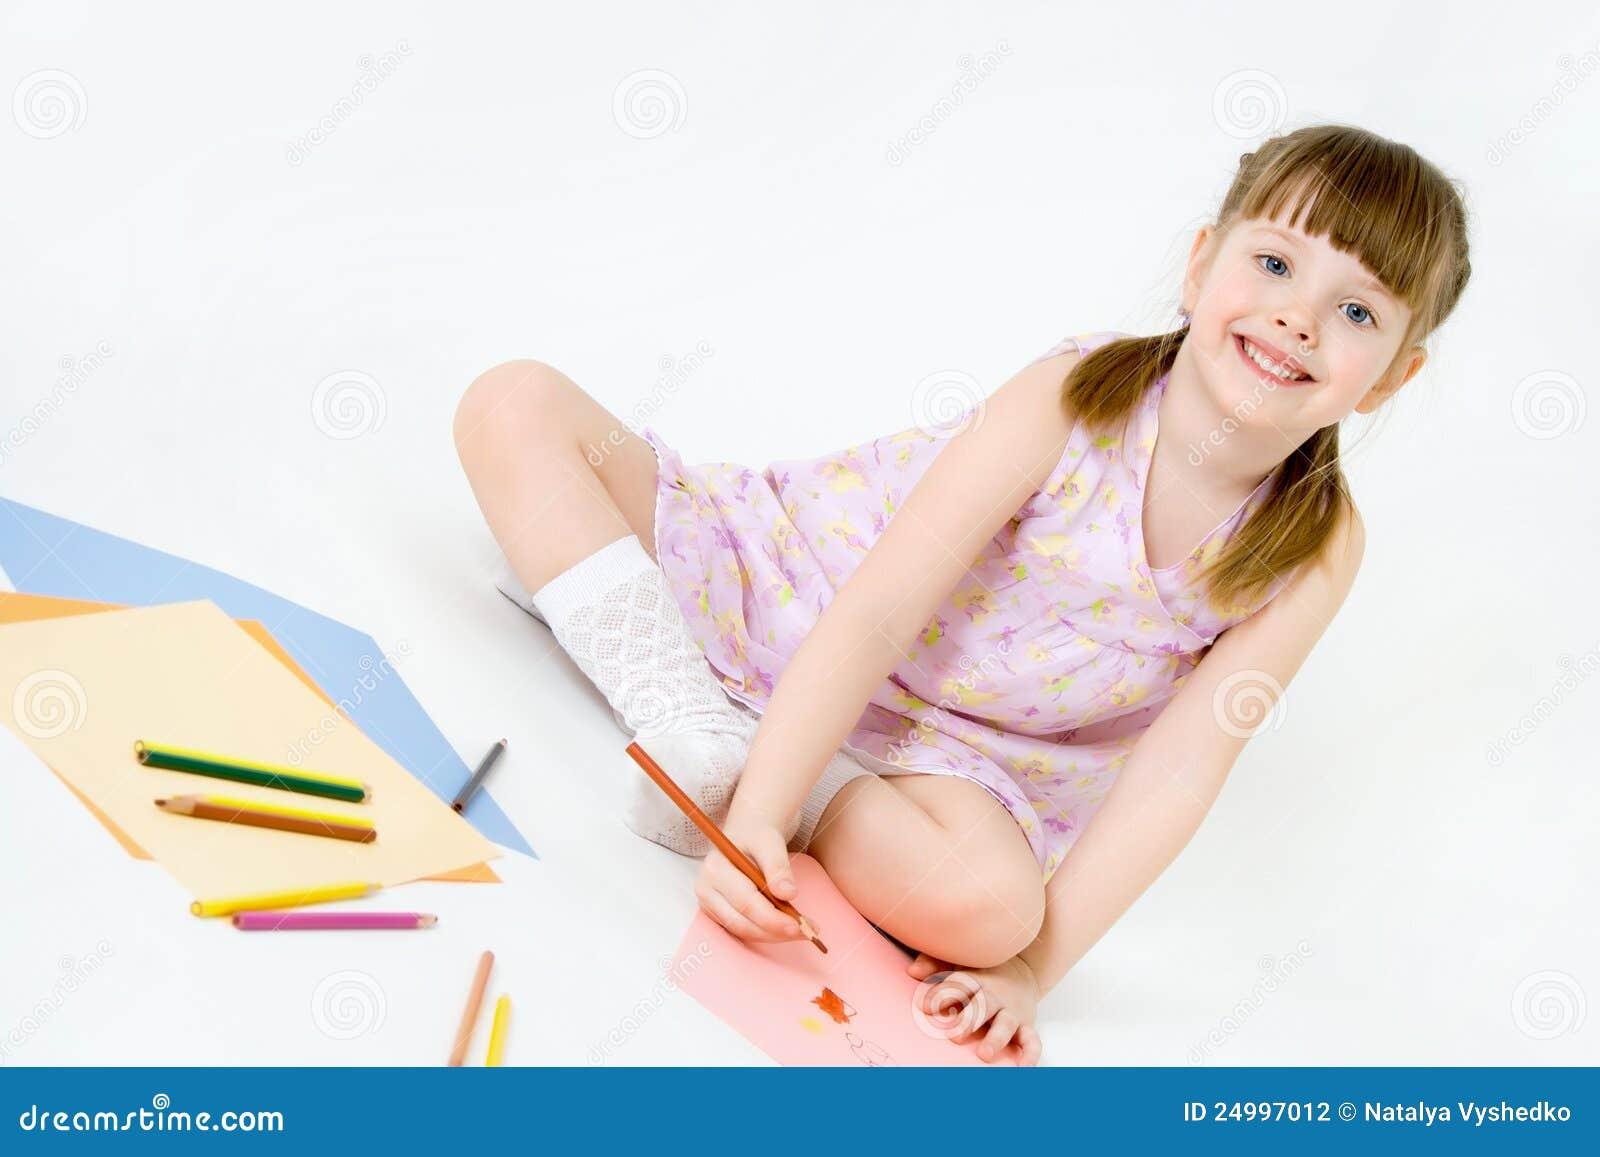 Leende för draw för färgrika crayons för barn gulligt